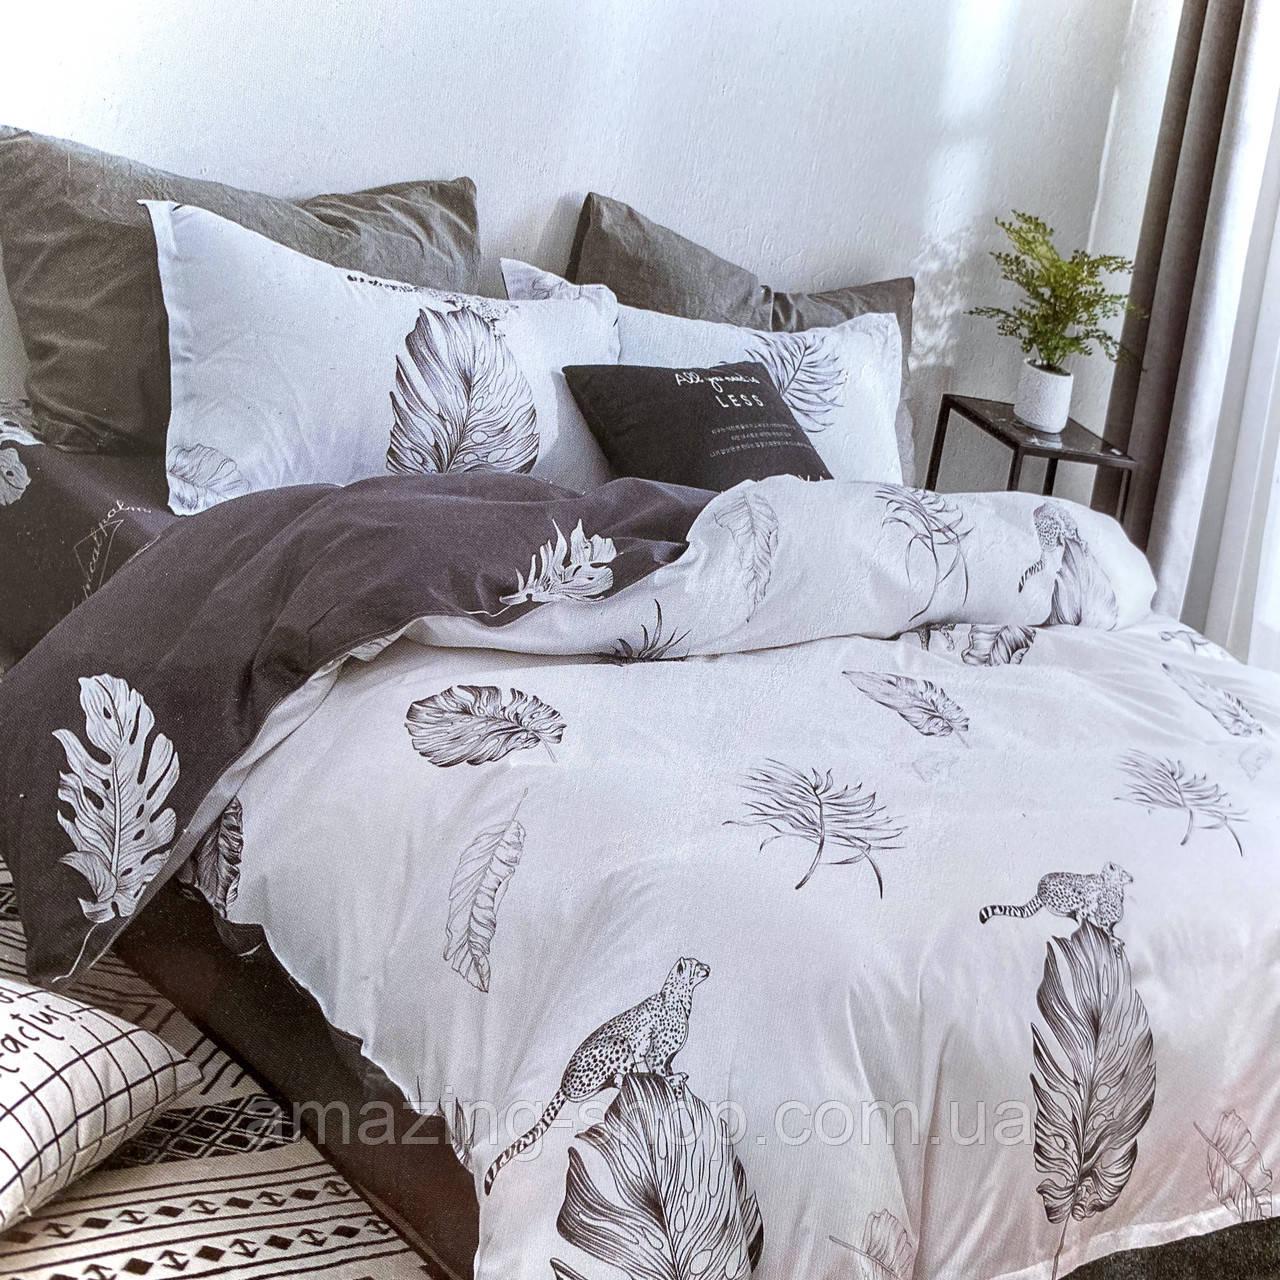 Постельное белье ( простынь на резинке ) | Двуспальный комплект постельного белья | Постільна білизна